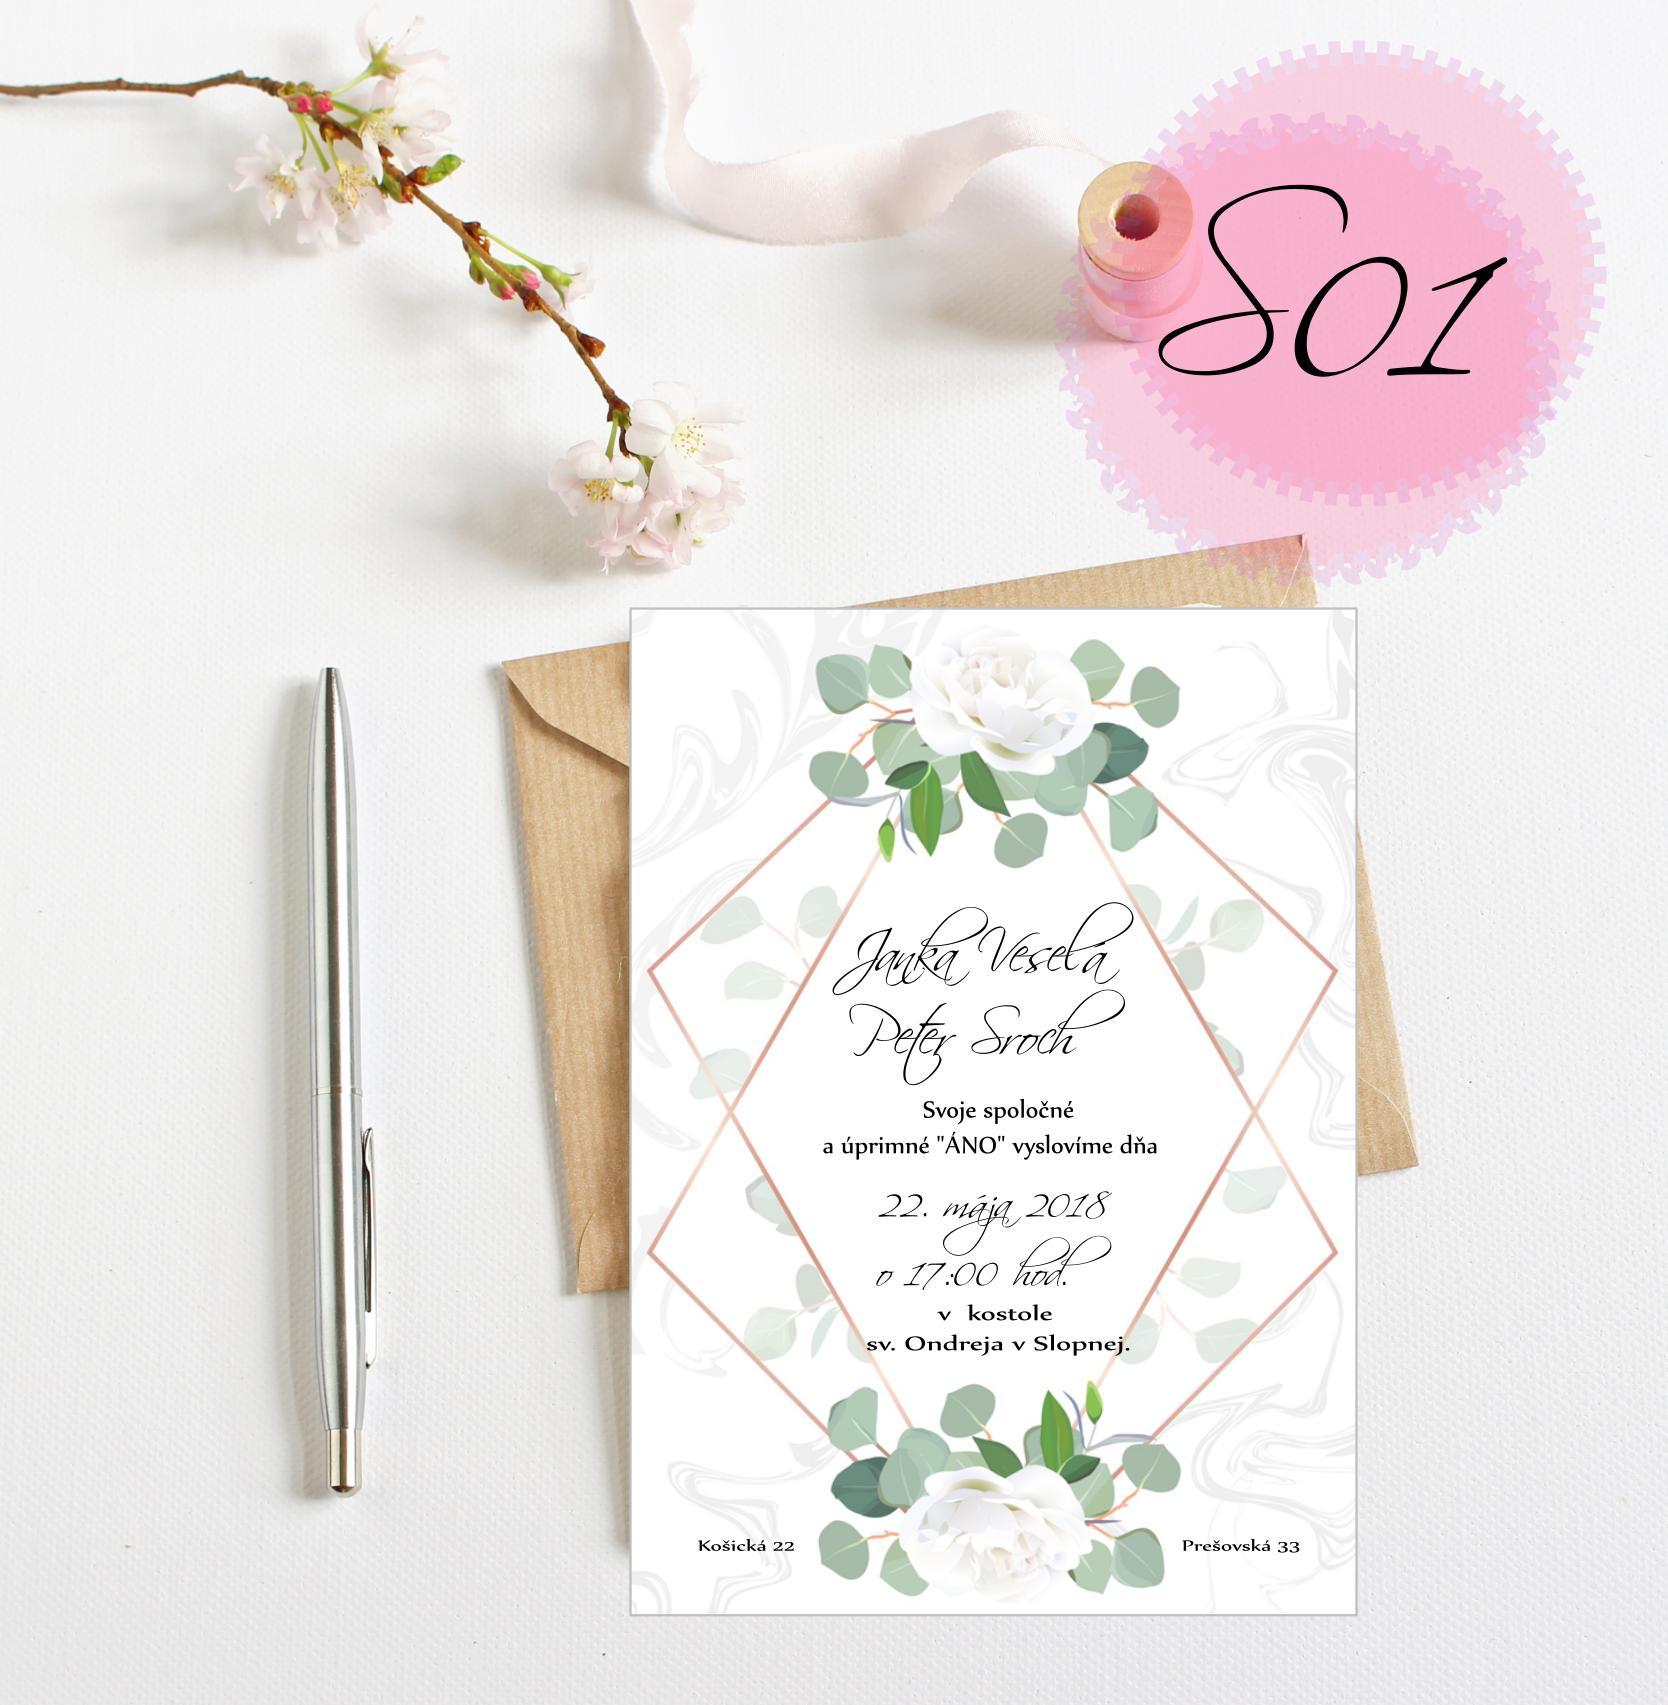 zelené svadobné oznámenia - Obrázok č. 1